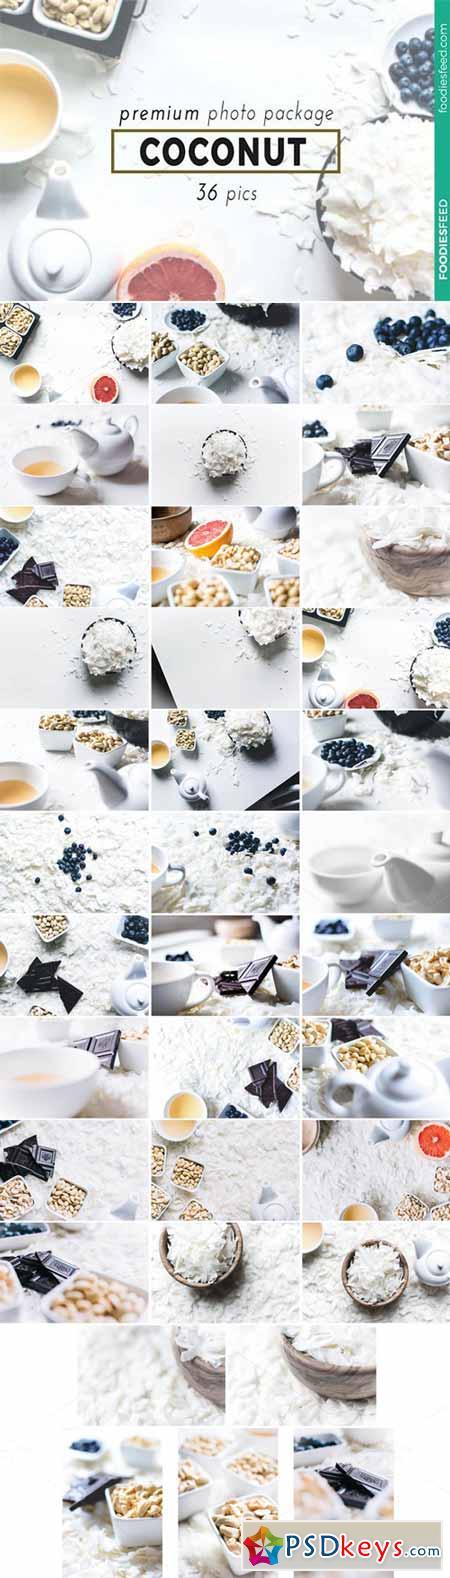 COCONUT - 36 Premium Photos 285334